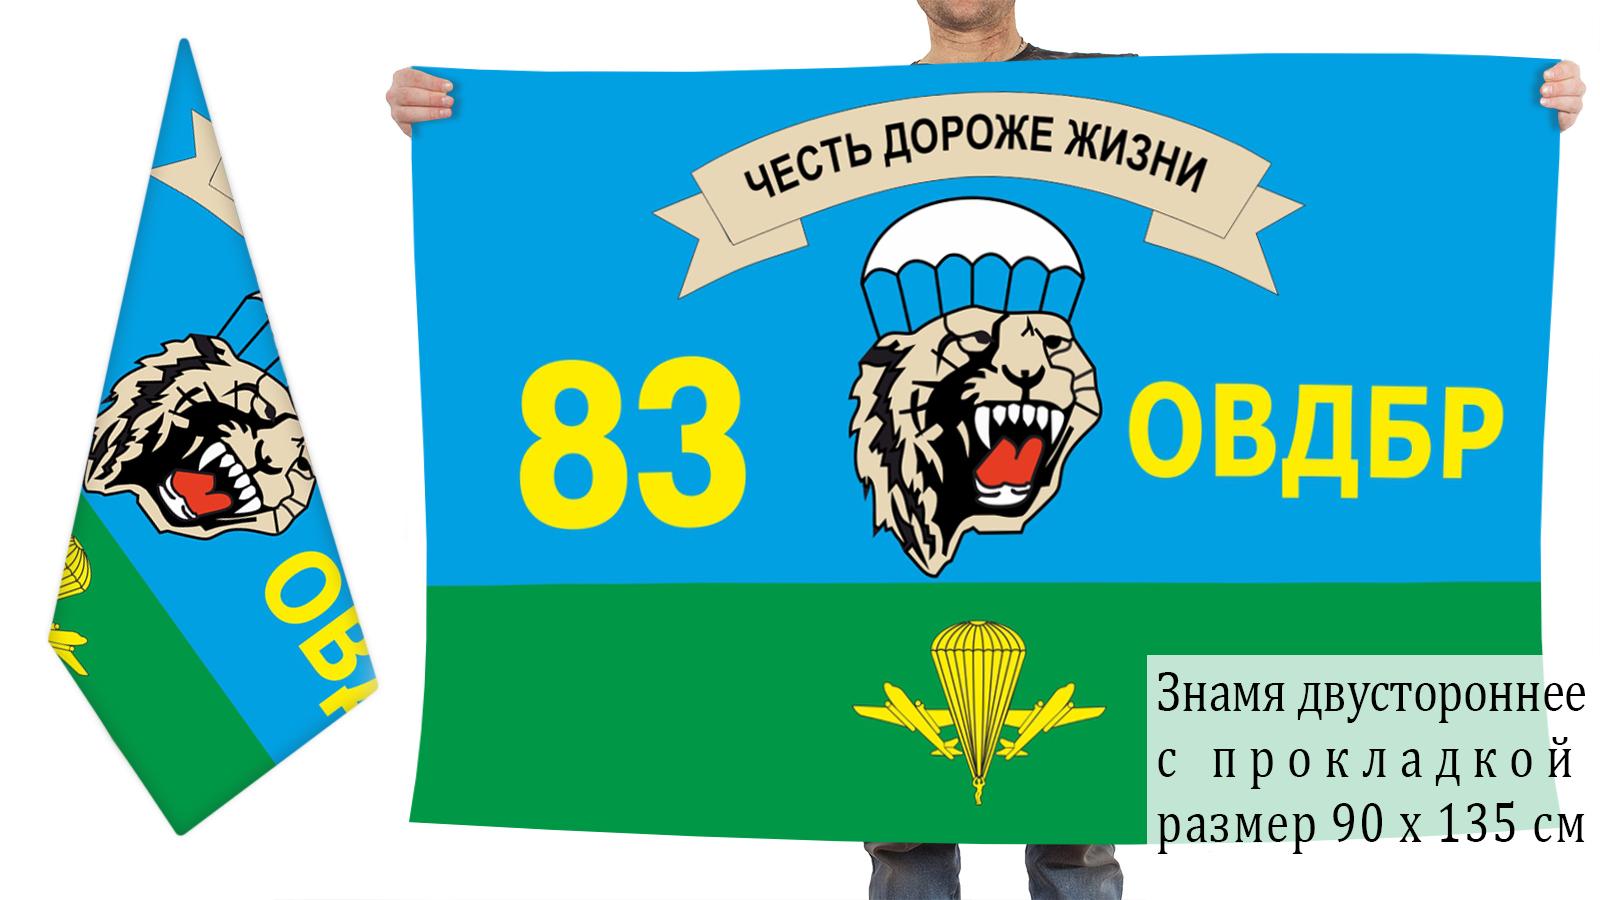 Двусторонний флаг 83 ОВДБр